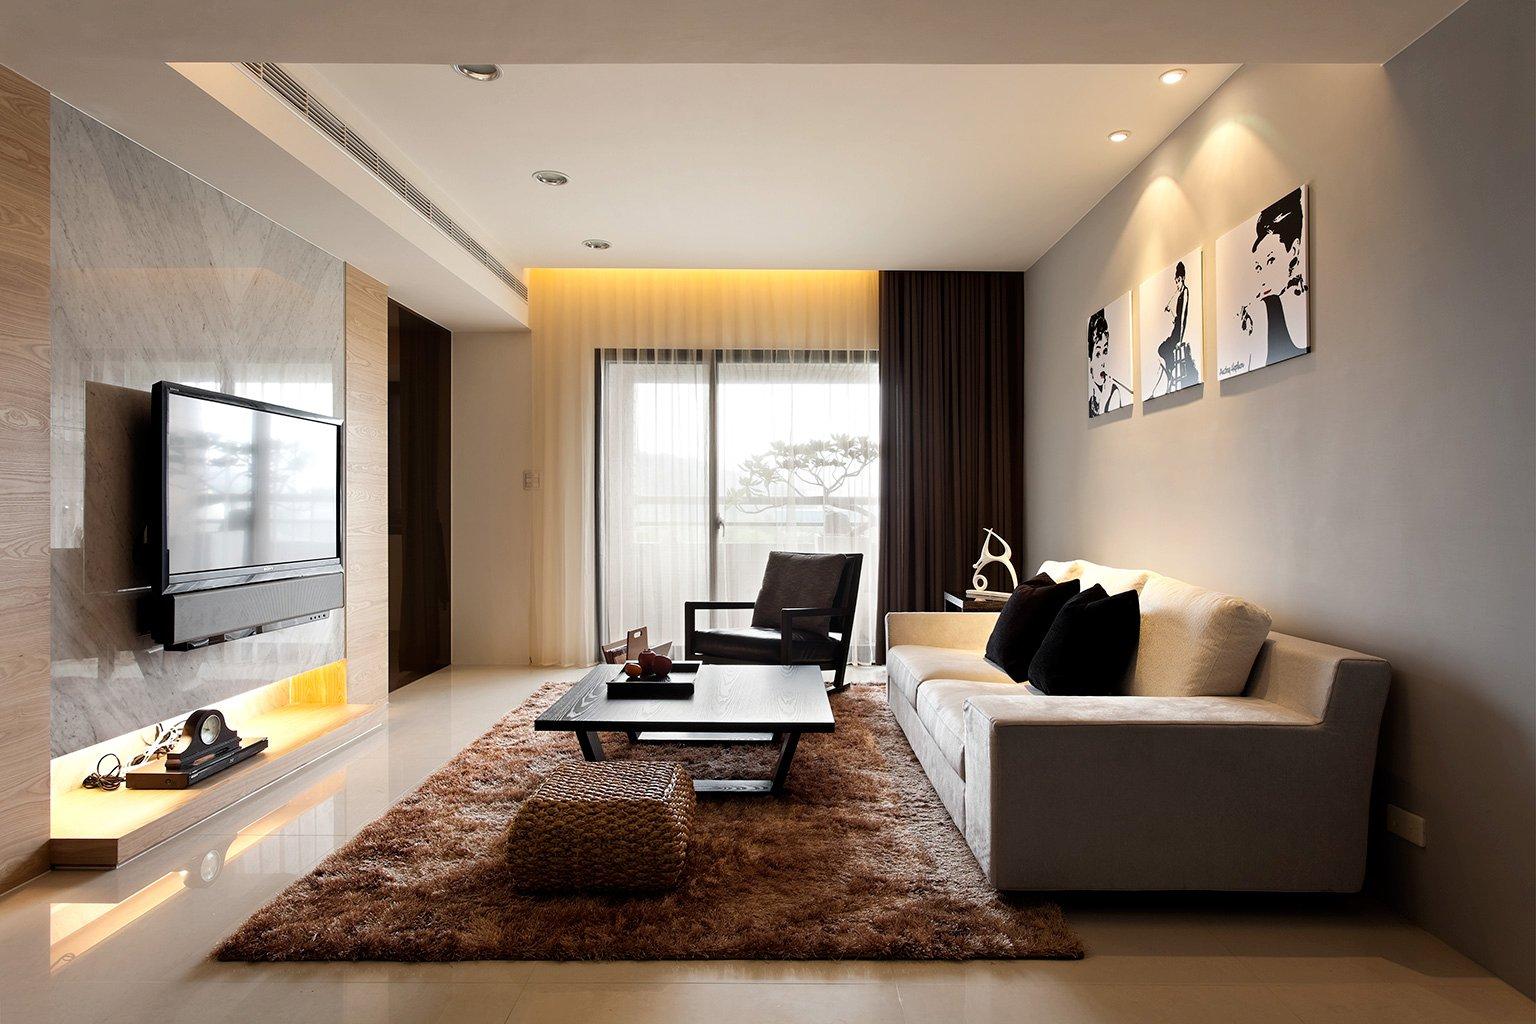 Contemporary Design Living Room retina